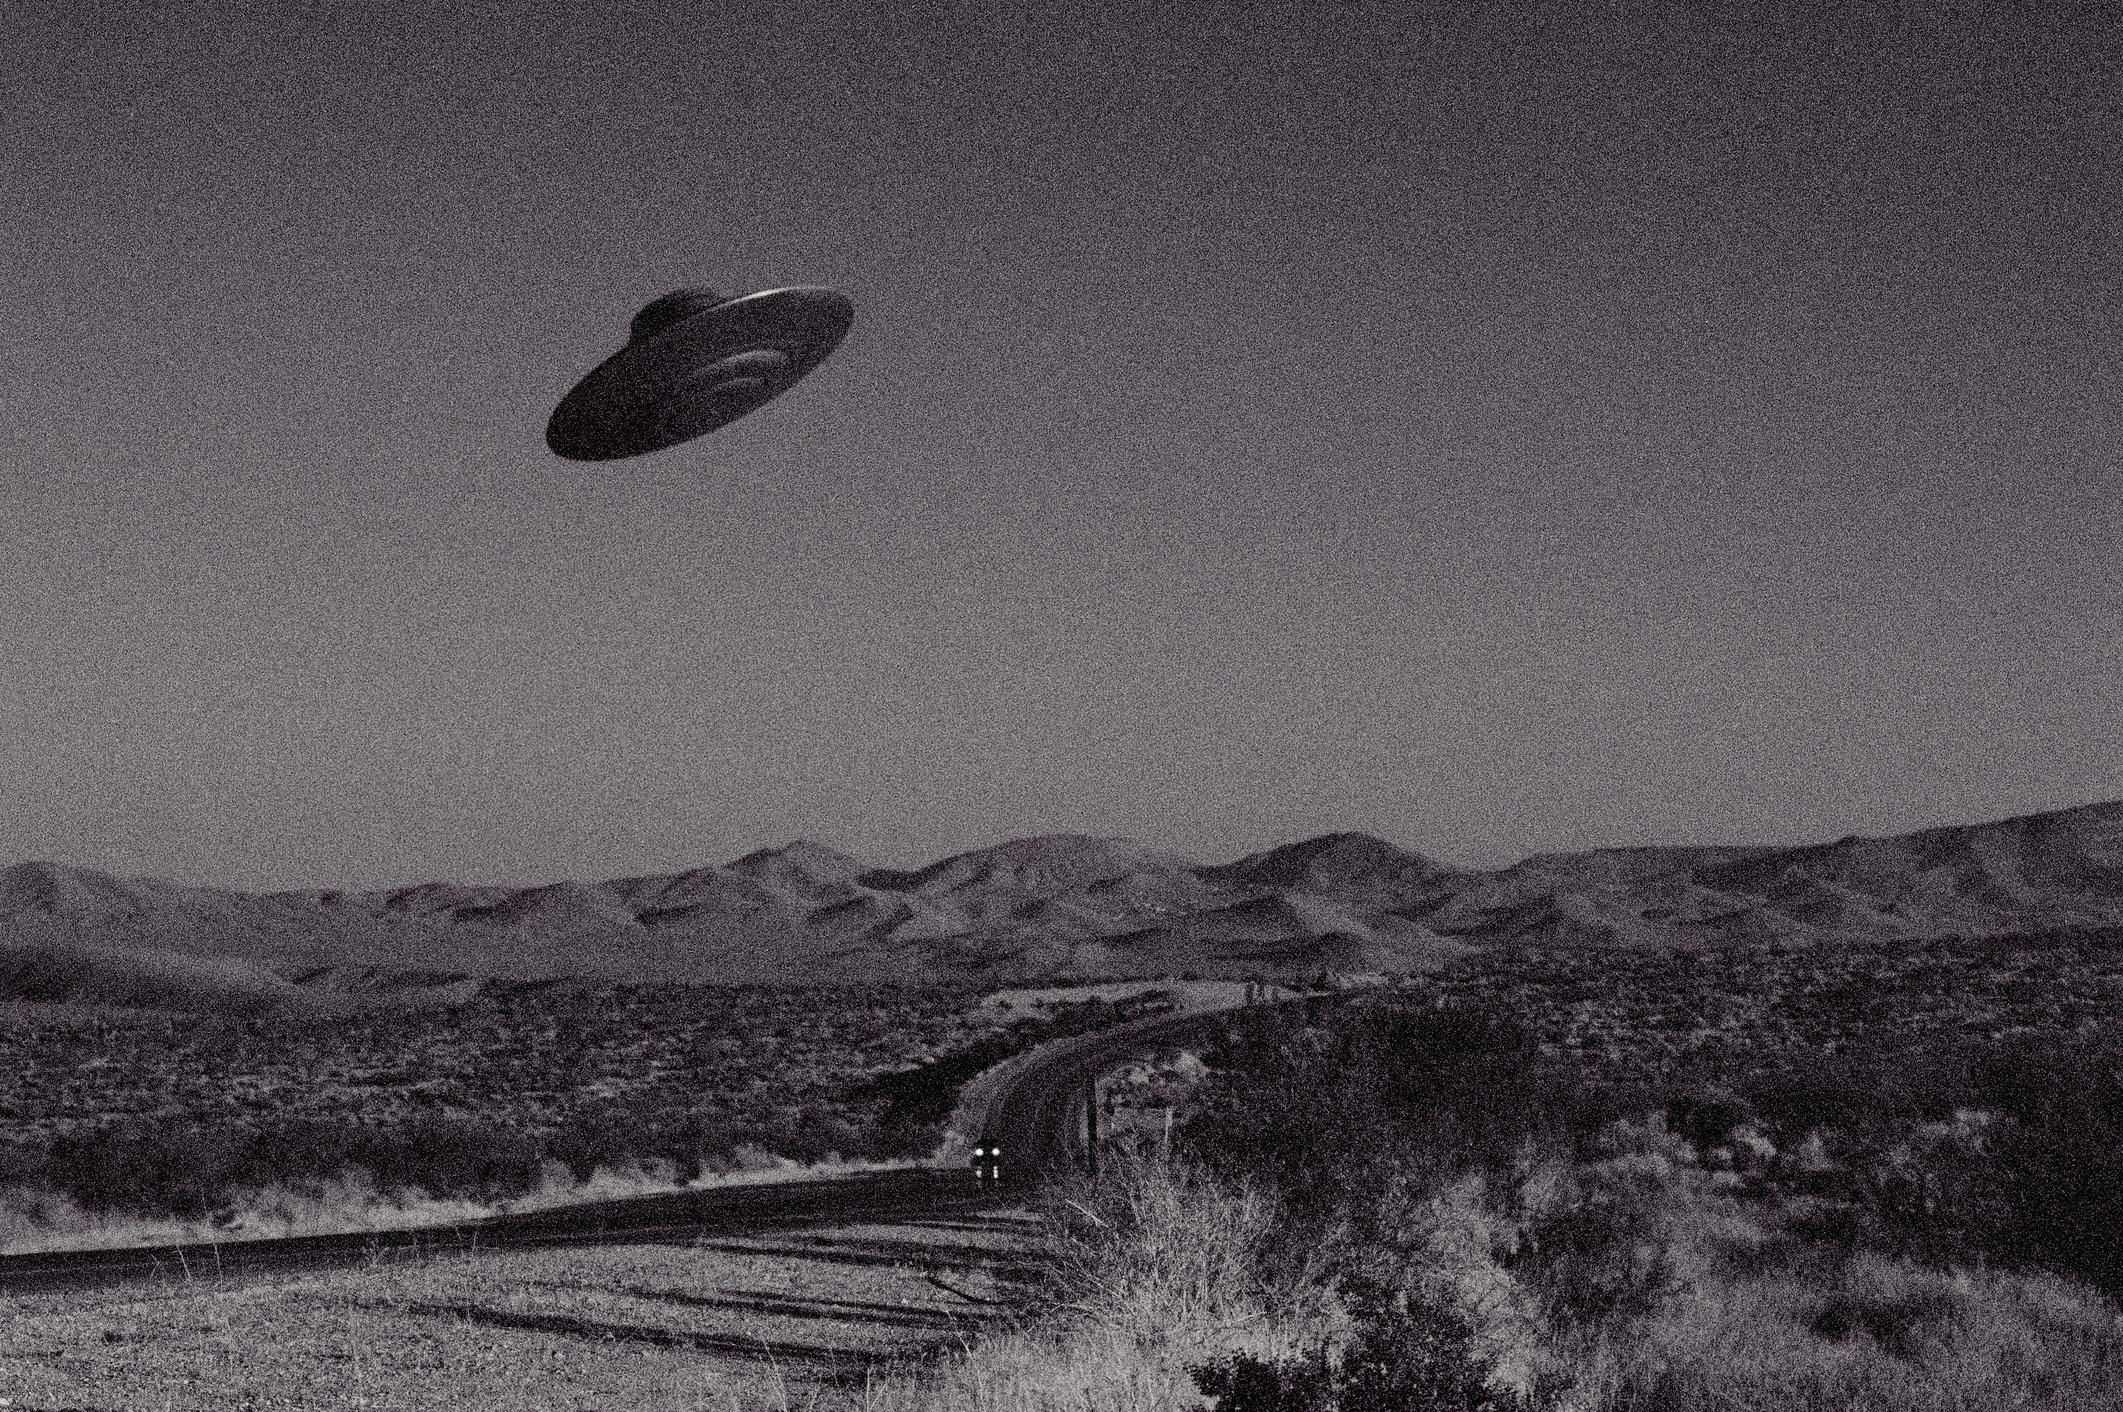 Пентагон рассекретил архивы программы по изучению НЛО, на которую было потрачено около $20 млн